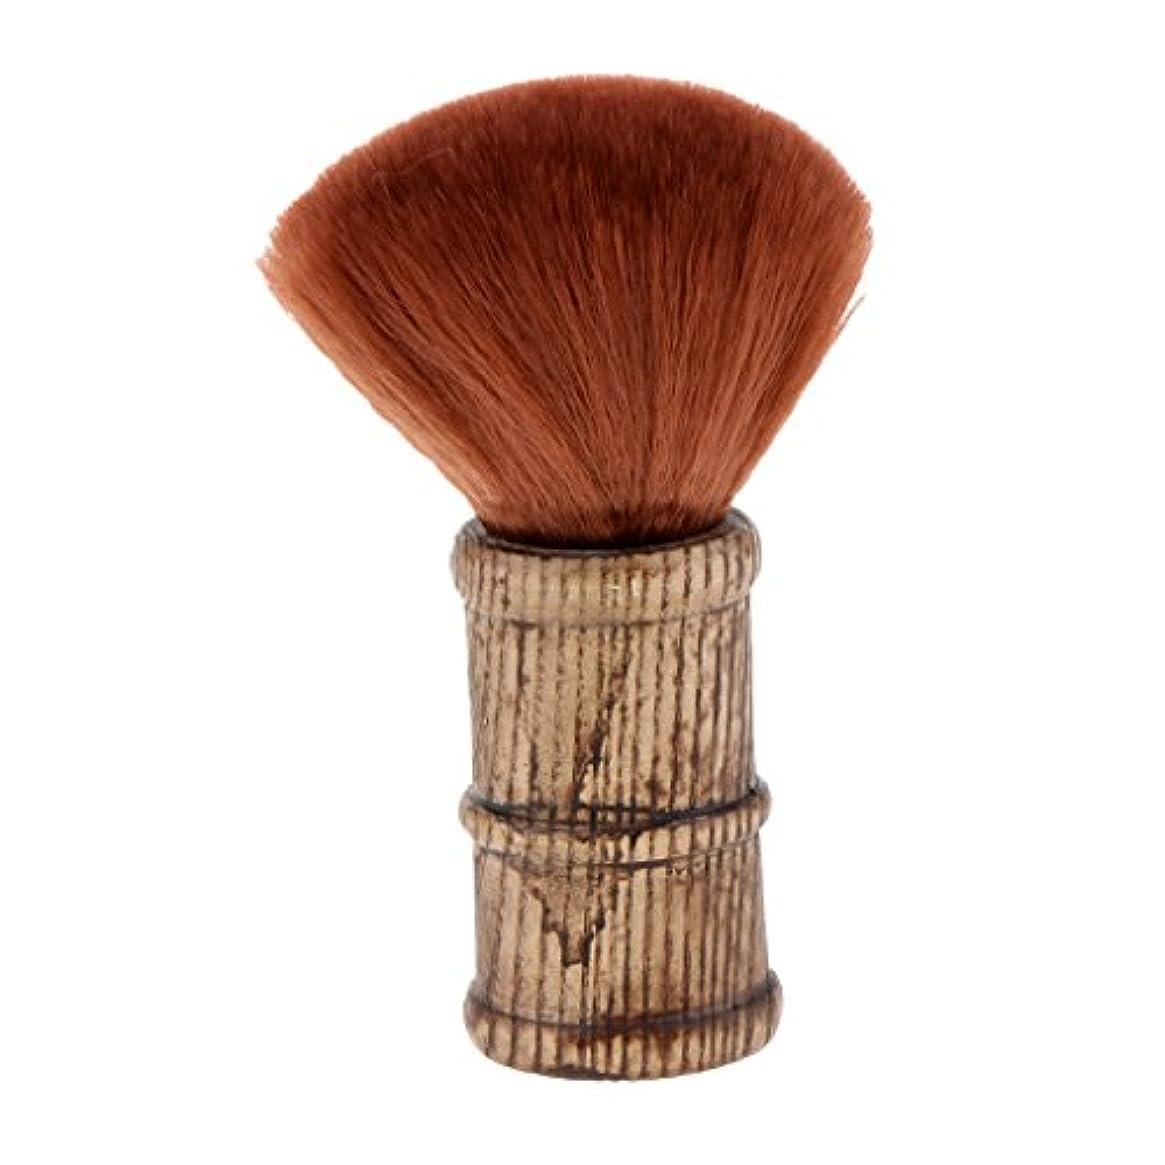 裏切り者開梱区別Homyl ネックダスターブラシ ヘアカットブラシ メイクブラシ サロン 理髪師 散髪 ブラシ 滑り防止 耐久性 2色選べる - 褐色